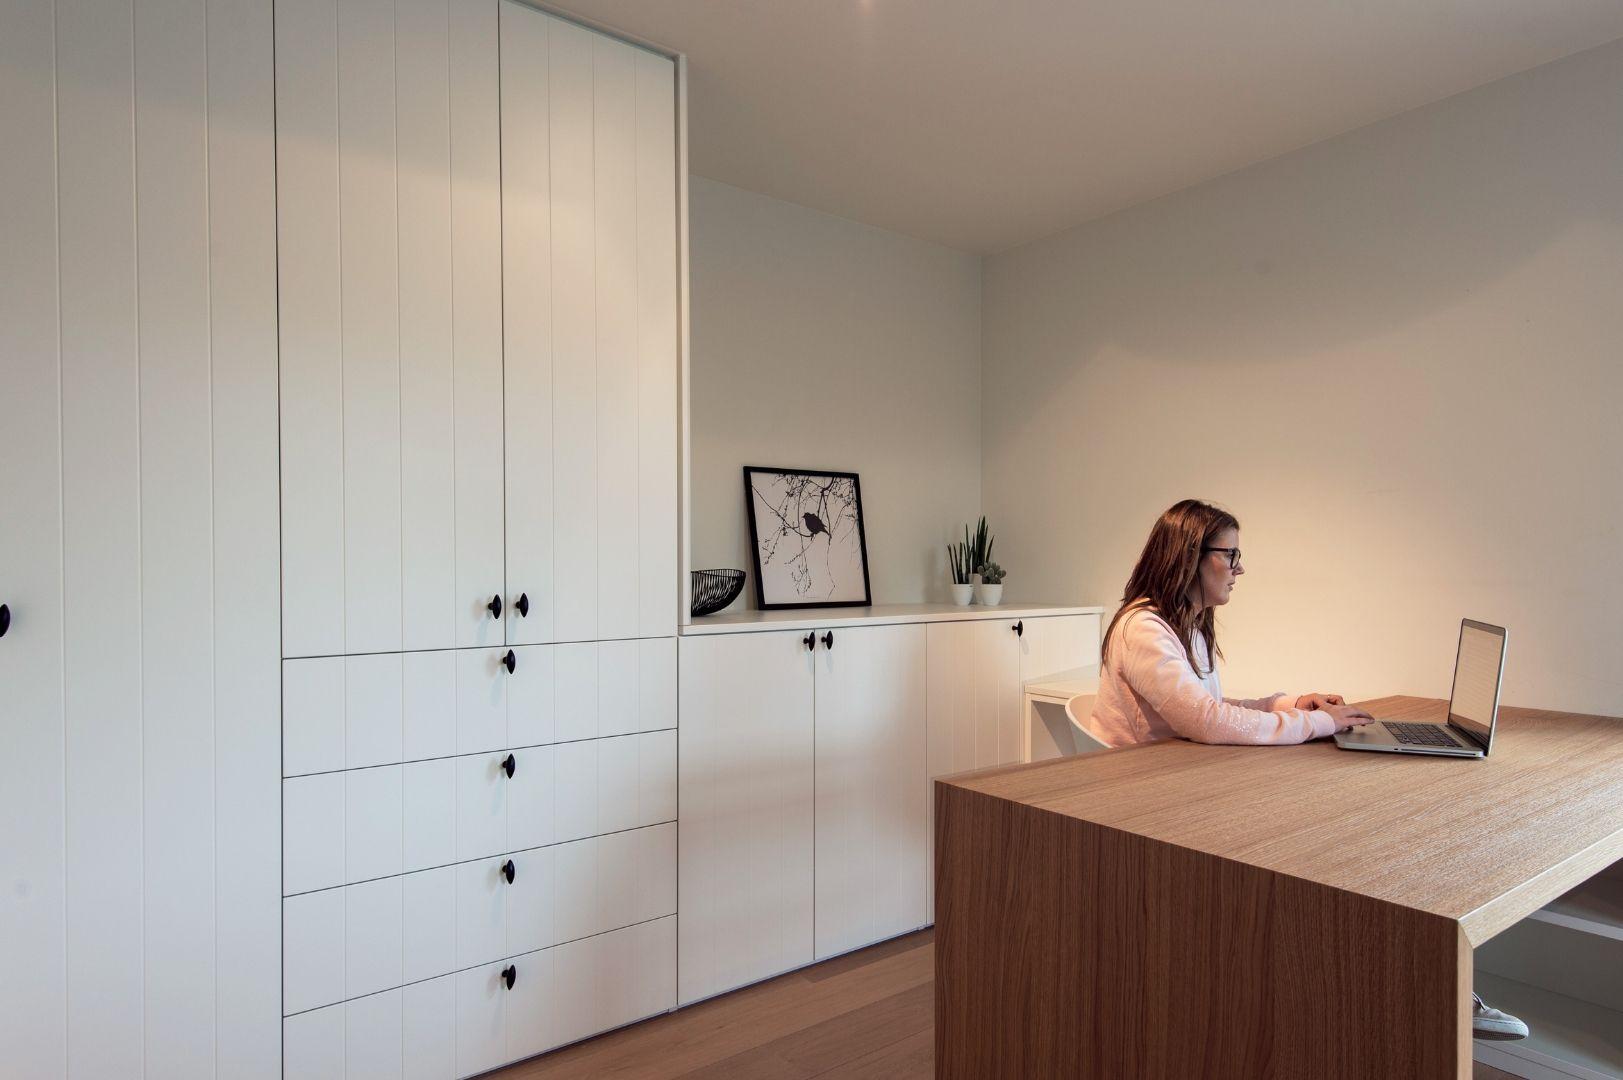 Bureau in slaapkamer met landelijke maatkasten